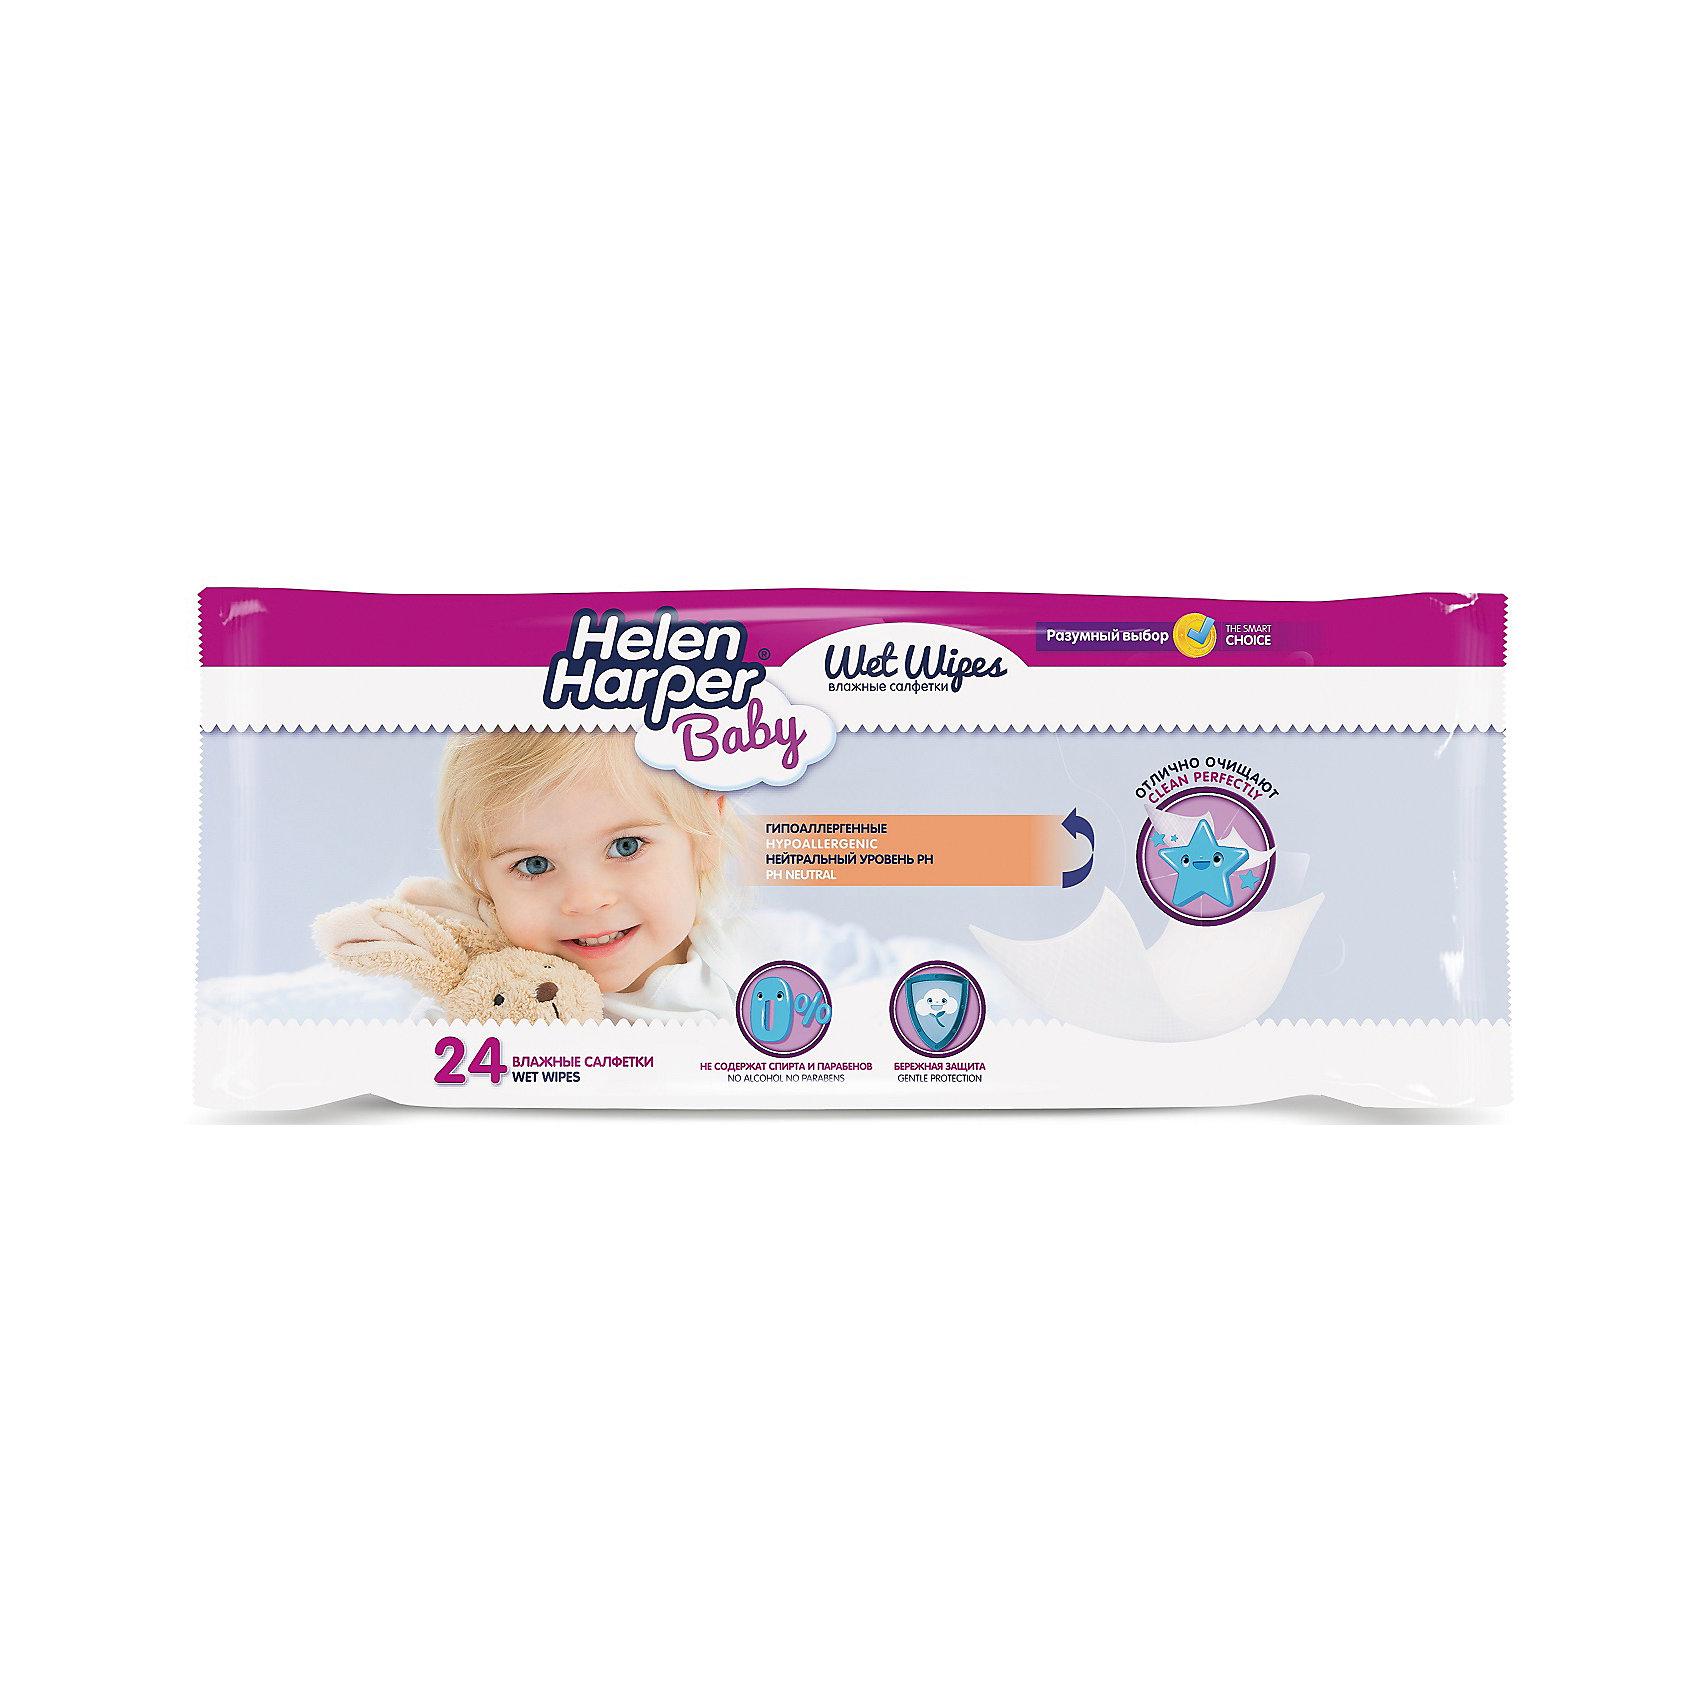 Детские влажные салфетки 24 шт., HELEN HARPERВлажные салфетки для новорожденных торговой марки Helen Harper были специально разработаны для нежной детской кожи. Салфетки пропитаны  очищающим составом, который обеззараживает кожу от вредных микроорганизмов, очищает поры и обладает прекрасным увлажняющим и смягчающим эффектом. Они идеальны в использовании при уходе за новорожденными, с их помощью не будет  пелёночного дерматита и опрелостей.<br>Влажные салфетки для новорожденных имеет удобную  маленькую  упаковку, которую легко взять с собой. Влажные салфетки торговой марки Helen Harper   очень нежные и прочные, мягко очищают, освежают кожу,<br><br>Дополнительная информация: <br><br>- торговая марка: : Helen harper <br>- возраст малыша: от рождения <br>- тип кожи: для всех типов <br>- по типу салфетки: влажные, гигиенические<br>- гипоаллергенный: да<br>- материал: целлюлоза <br>- количество в упаковке: (шт.) 24<br><br>Детские влажные салфетки торговой марки Helen harper  можно купить в нашем интернет-магазине.<br><br>Ширина мм: 200<br>Глубина мм: 20<br>Высота мм: 100<br>Вес г: 200<br>Возраст от месяцев: -2147483648<br>Возраст до месяцев: 2147483647<br>Пол: Унисекс<br>Возраст: Детский<br>SKU: 4801606